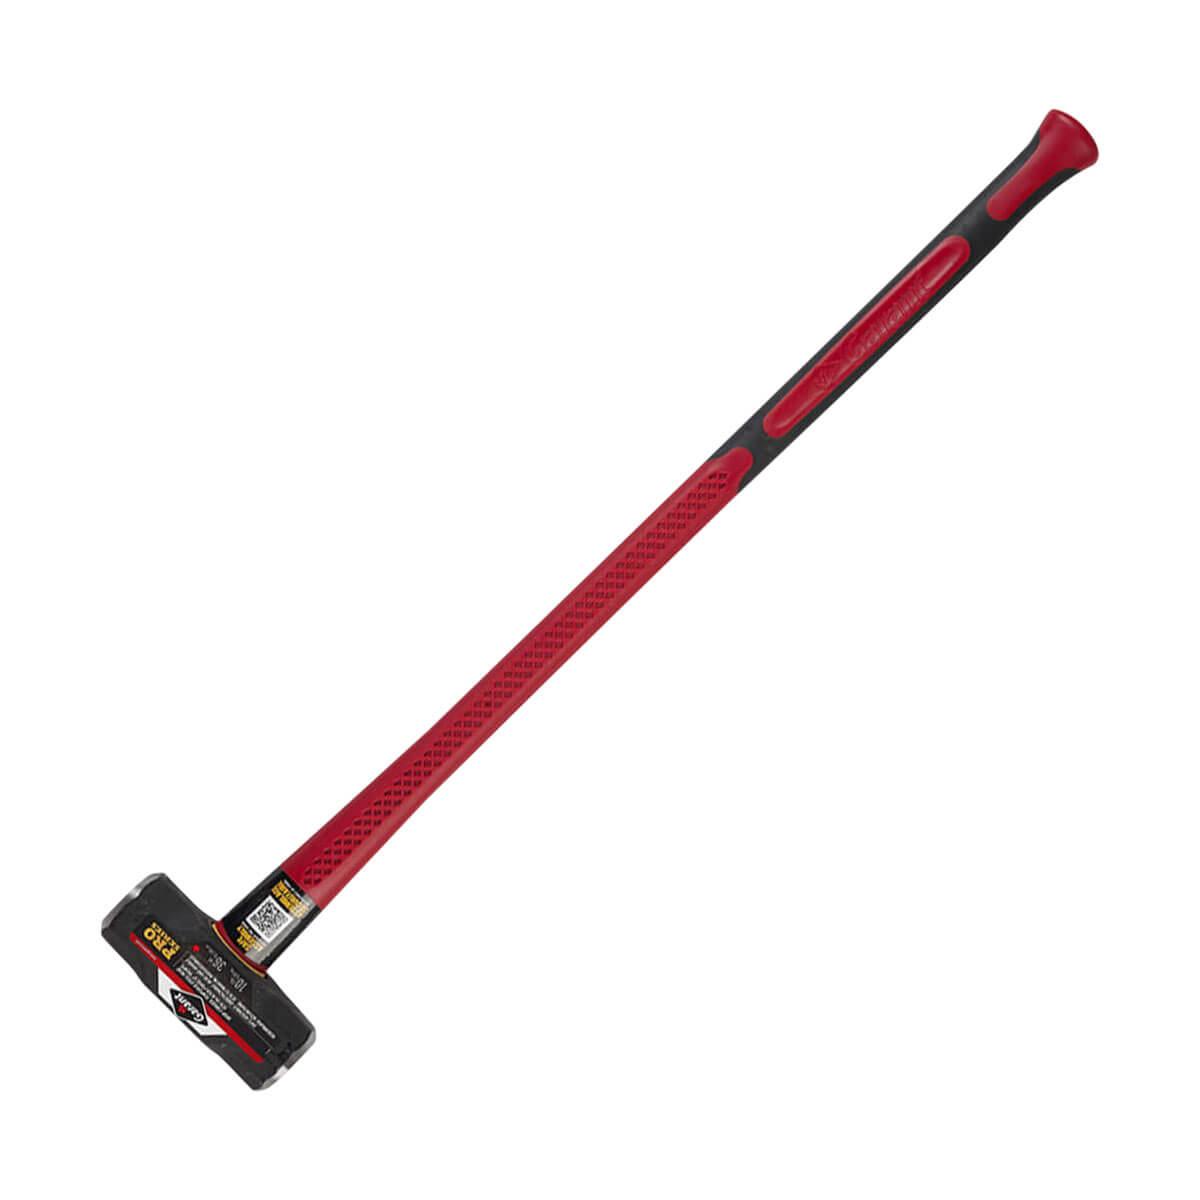 """Garant Sledge Hammer - 24"""" - 4 lb."""